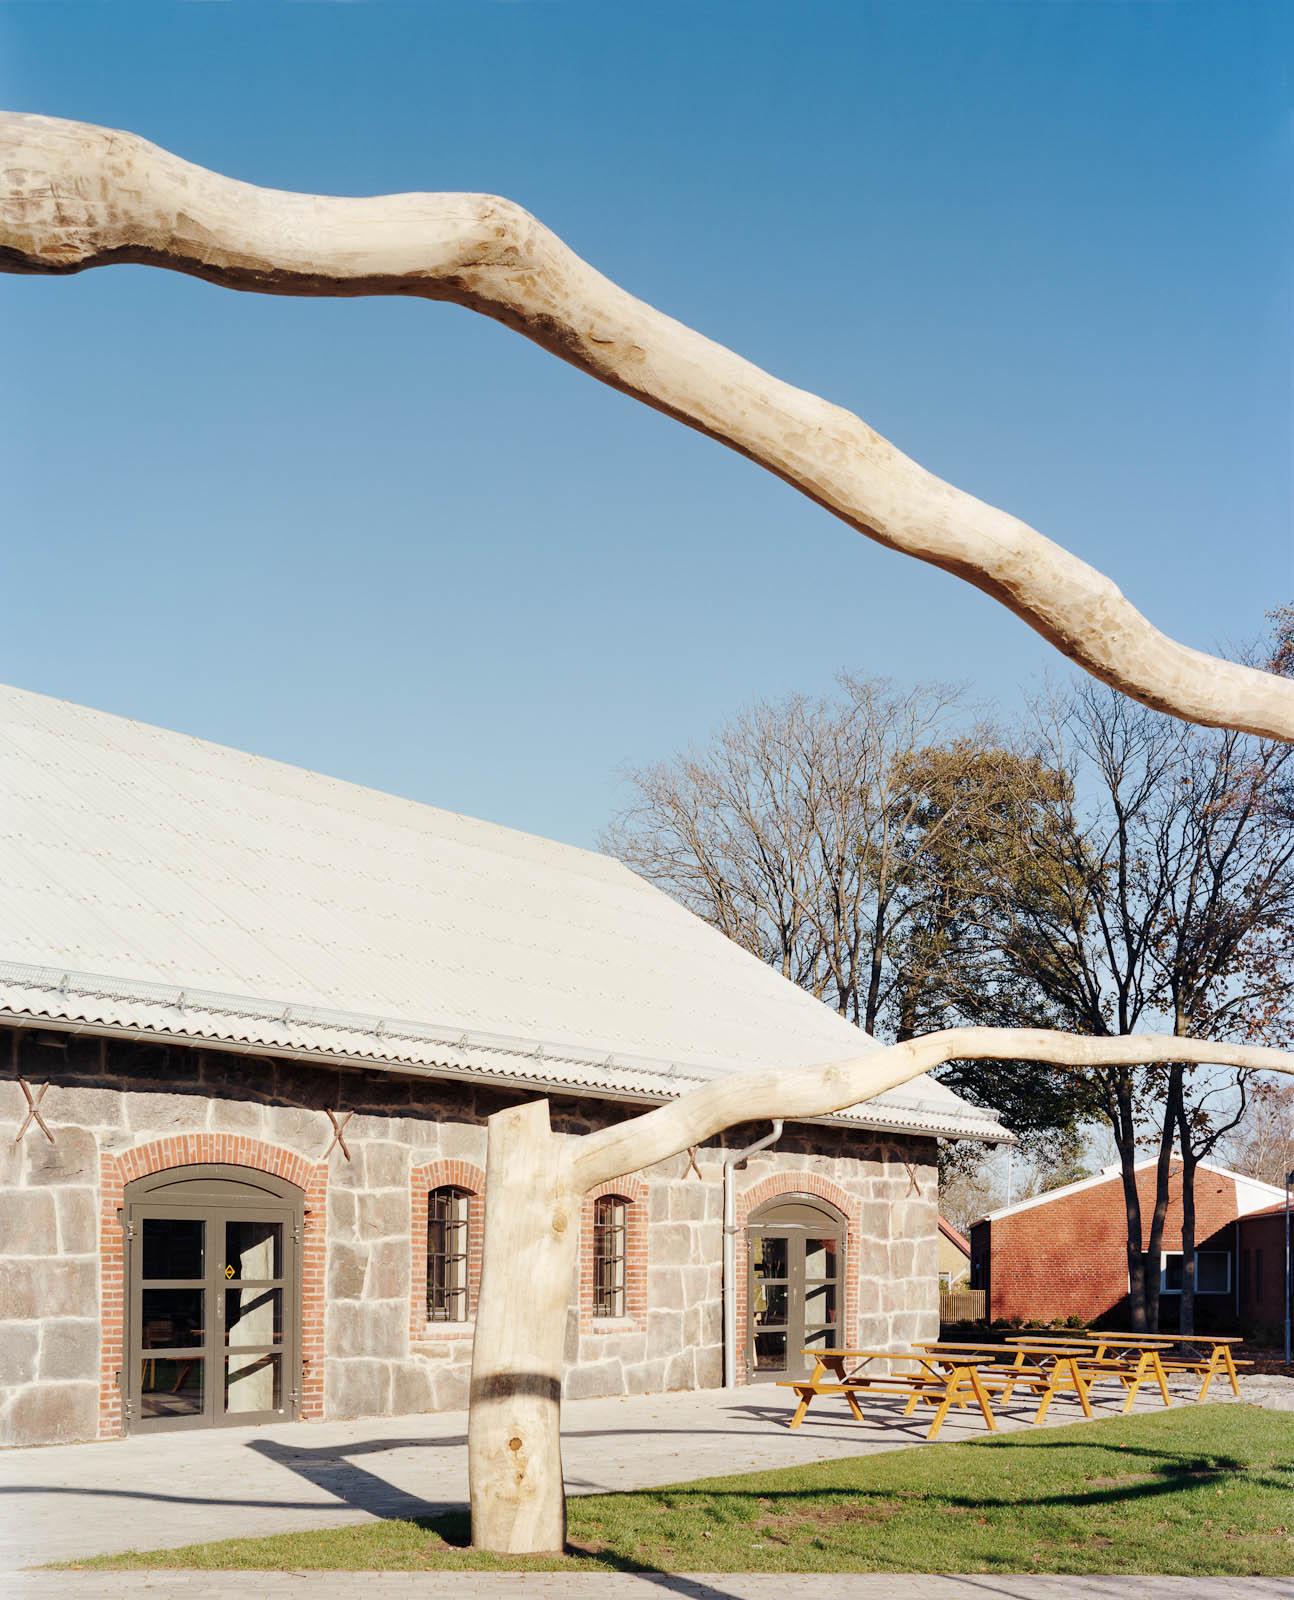 Grenen är uppstöttad i höjd med portvalvet. Skolan i bakgrunden. Malin Bogholt, Kontakt